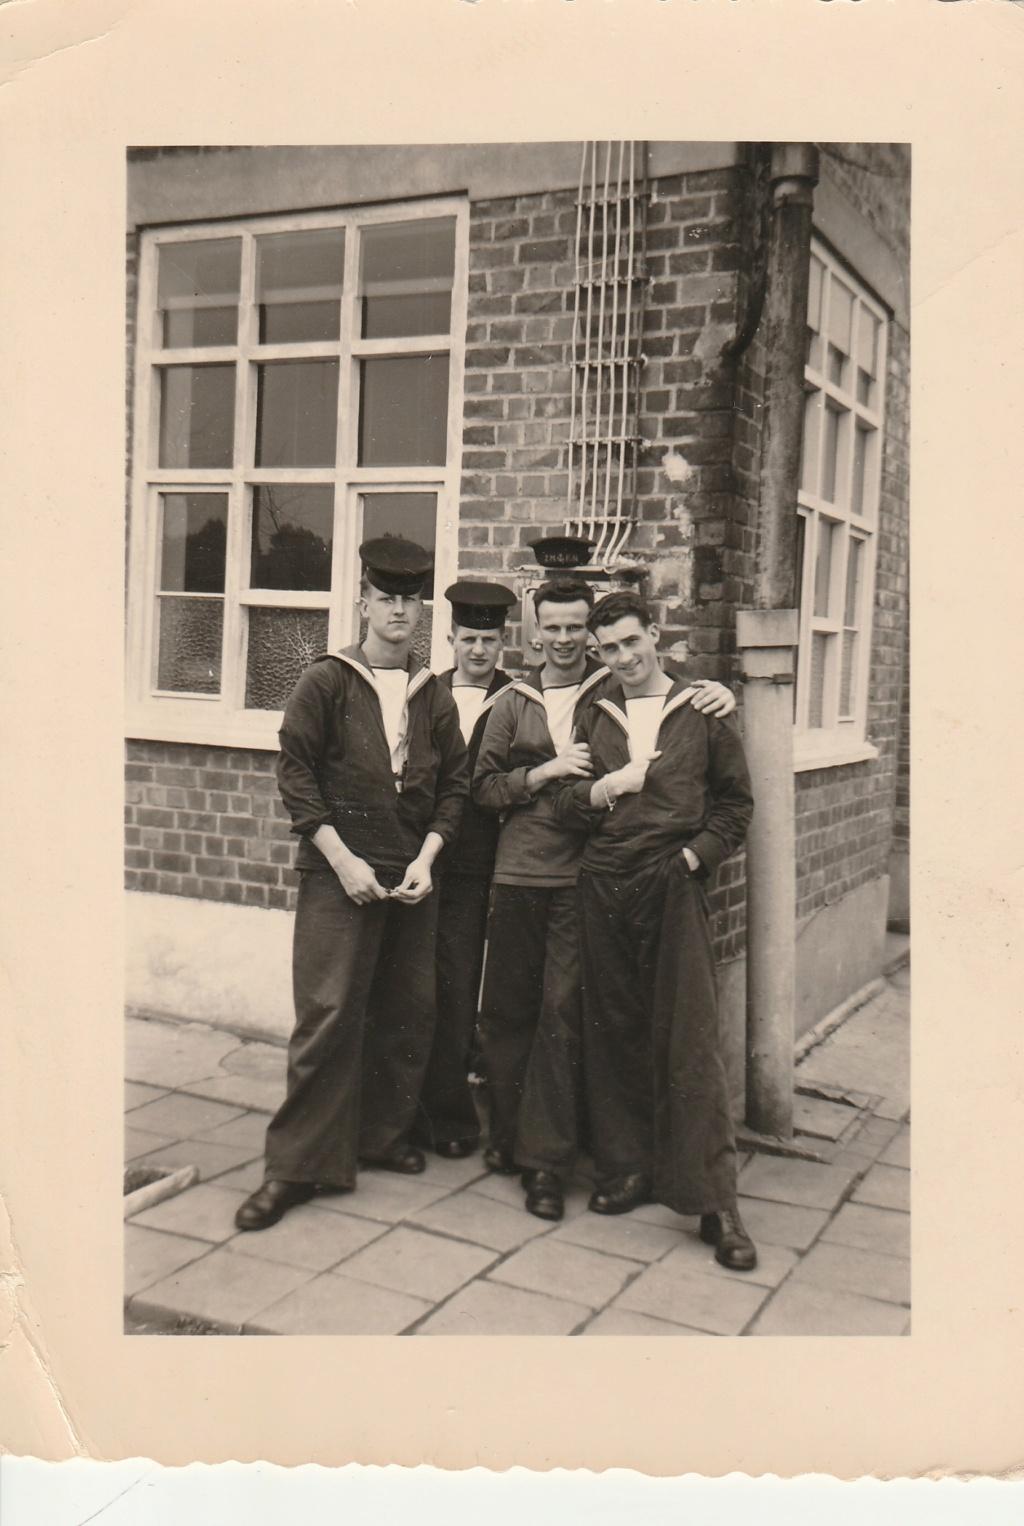 Sint-Kruis dans les années 50...   - Page 3 047baf10